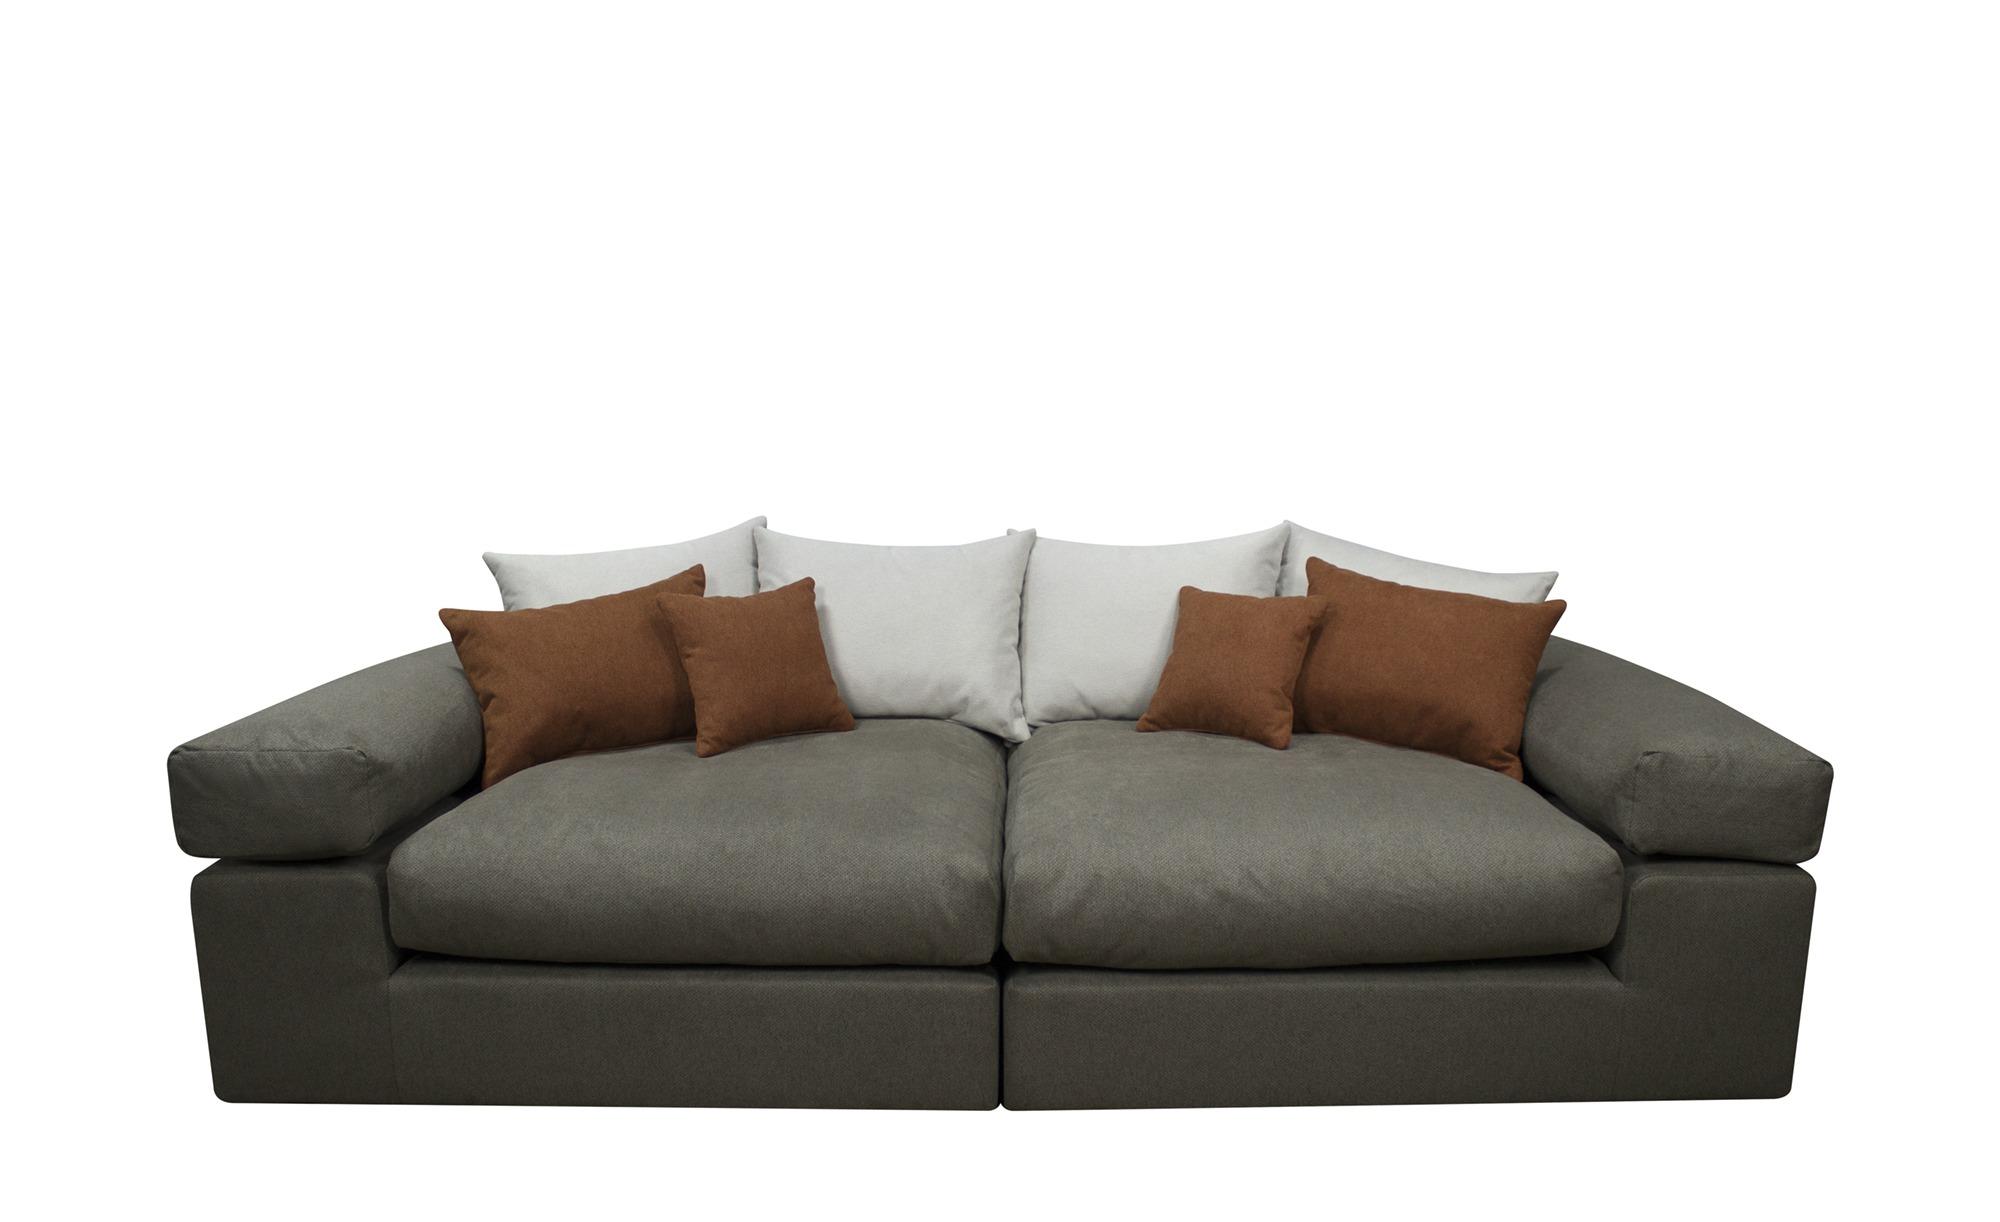 Big Sofa, gefunden bei Sconto